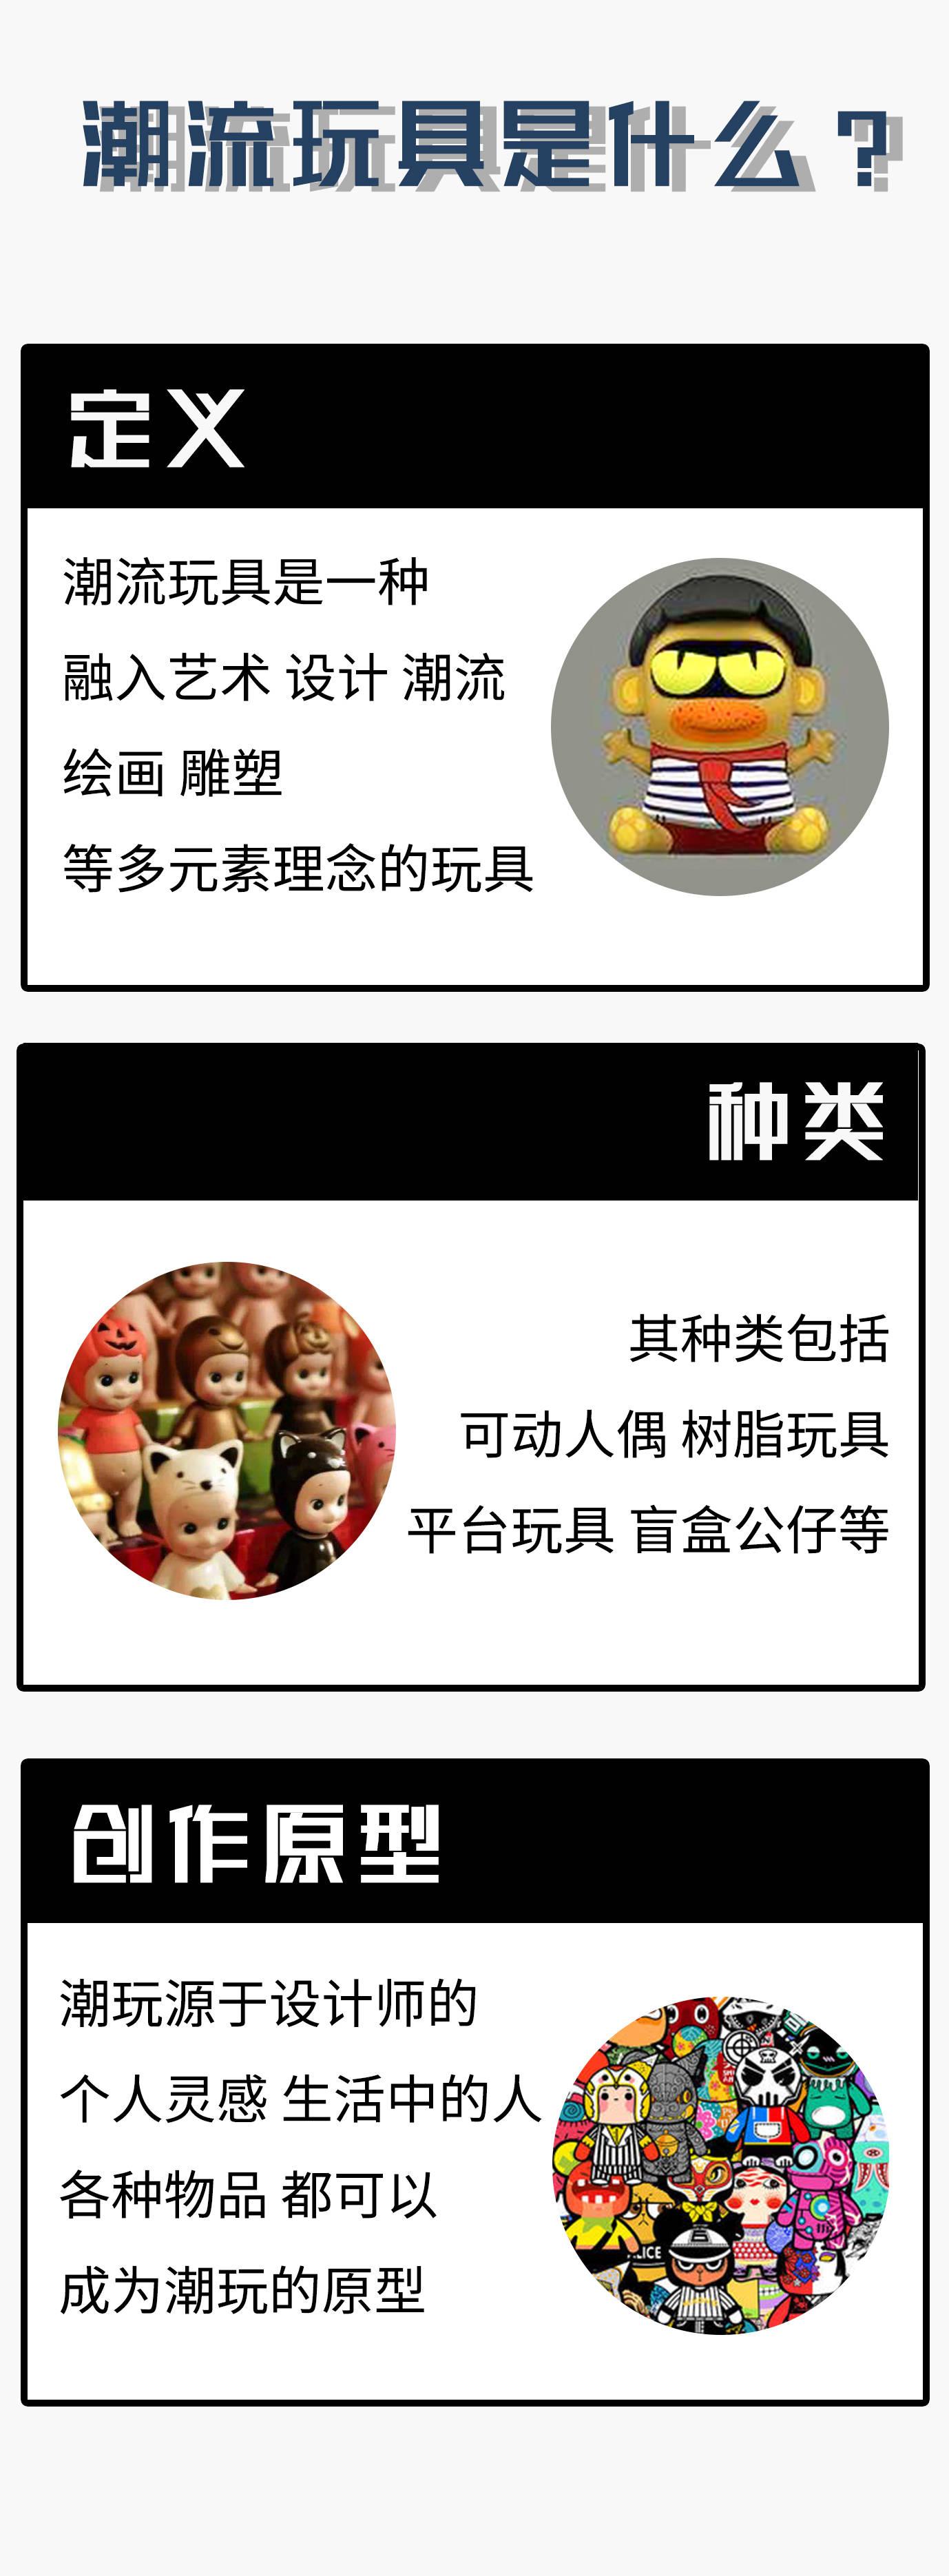 第18届ChinaJoy现已开幕,潮流玩具为什么能卖出天价?